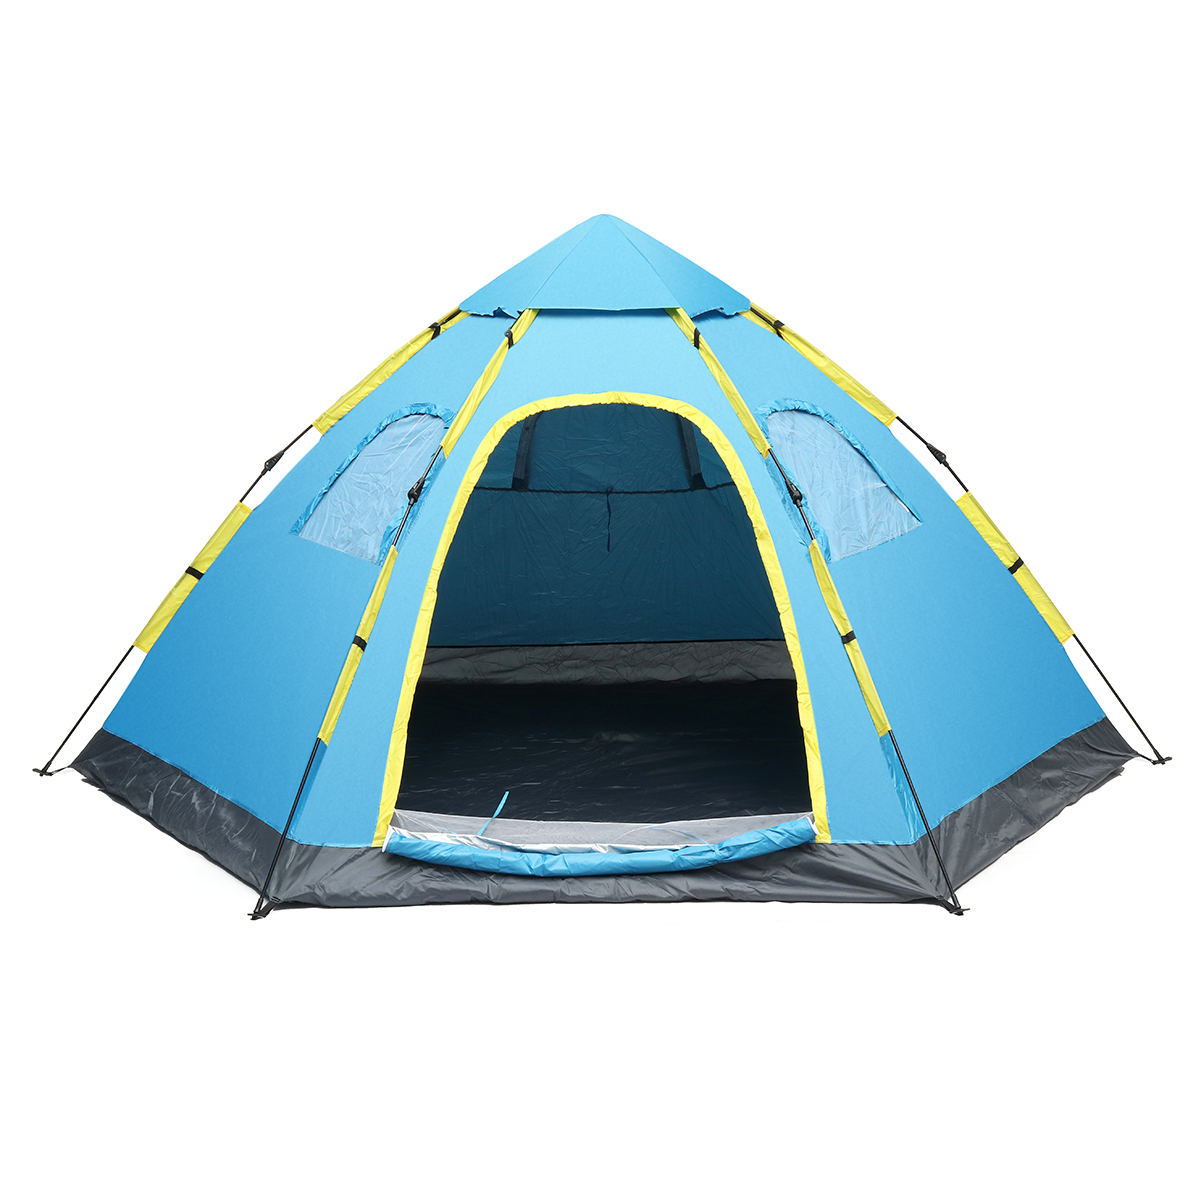 НаоткрытомвоздухеКемпинг5-8человек Автоматическая всплывающая палатка Водонепроницаемы UV Пляжный Семейный тент навеса